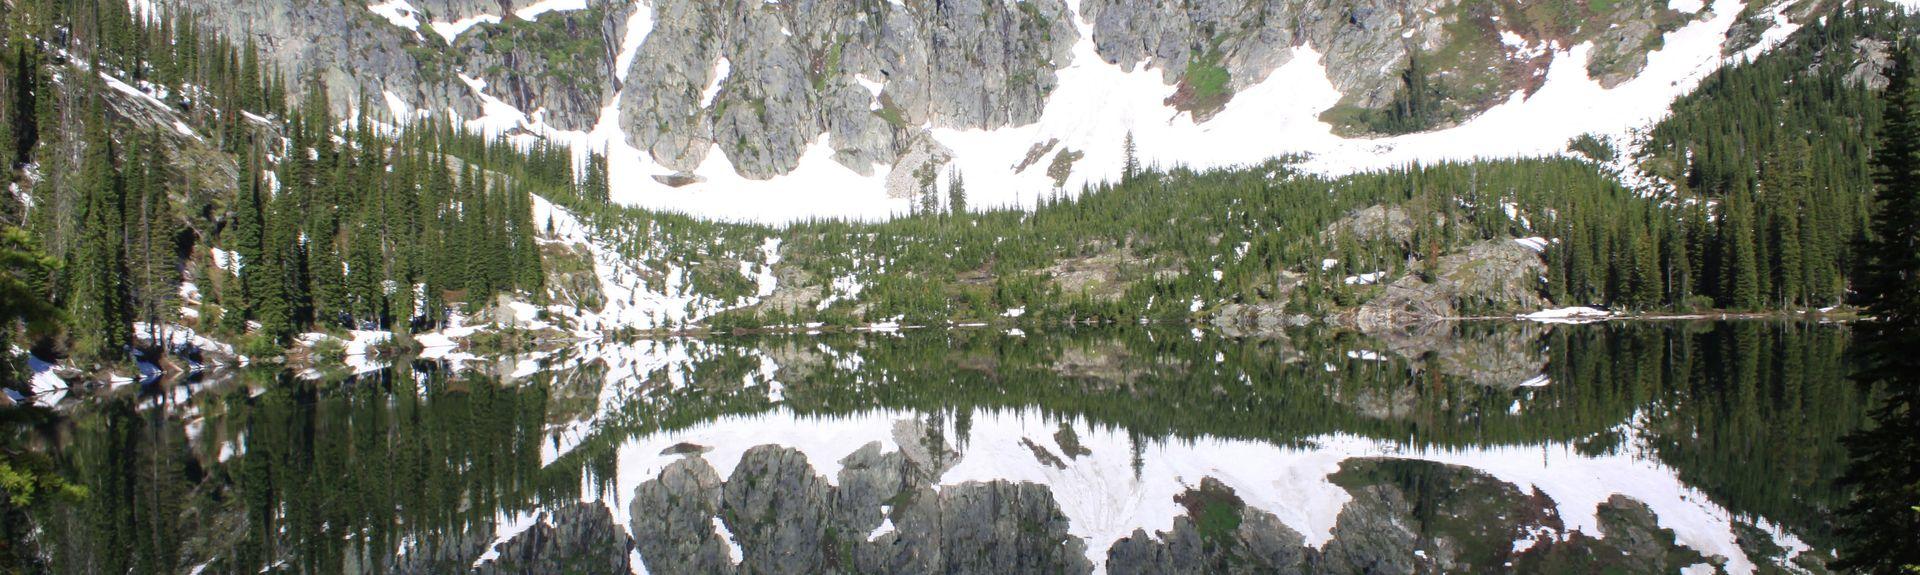 Sula, Montana, États-Unis d'Amérique